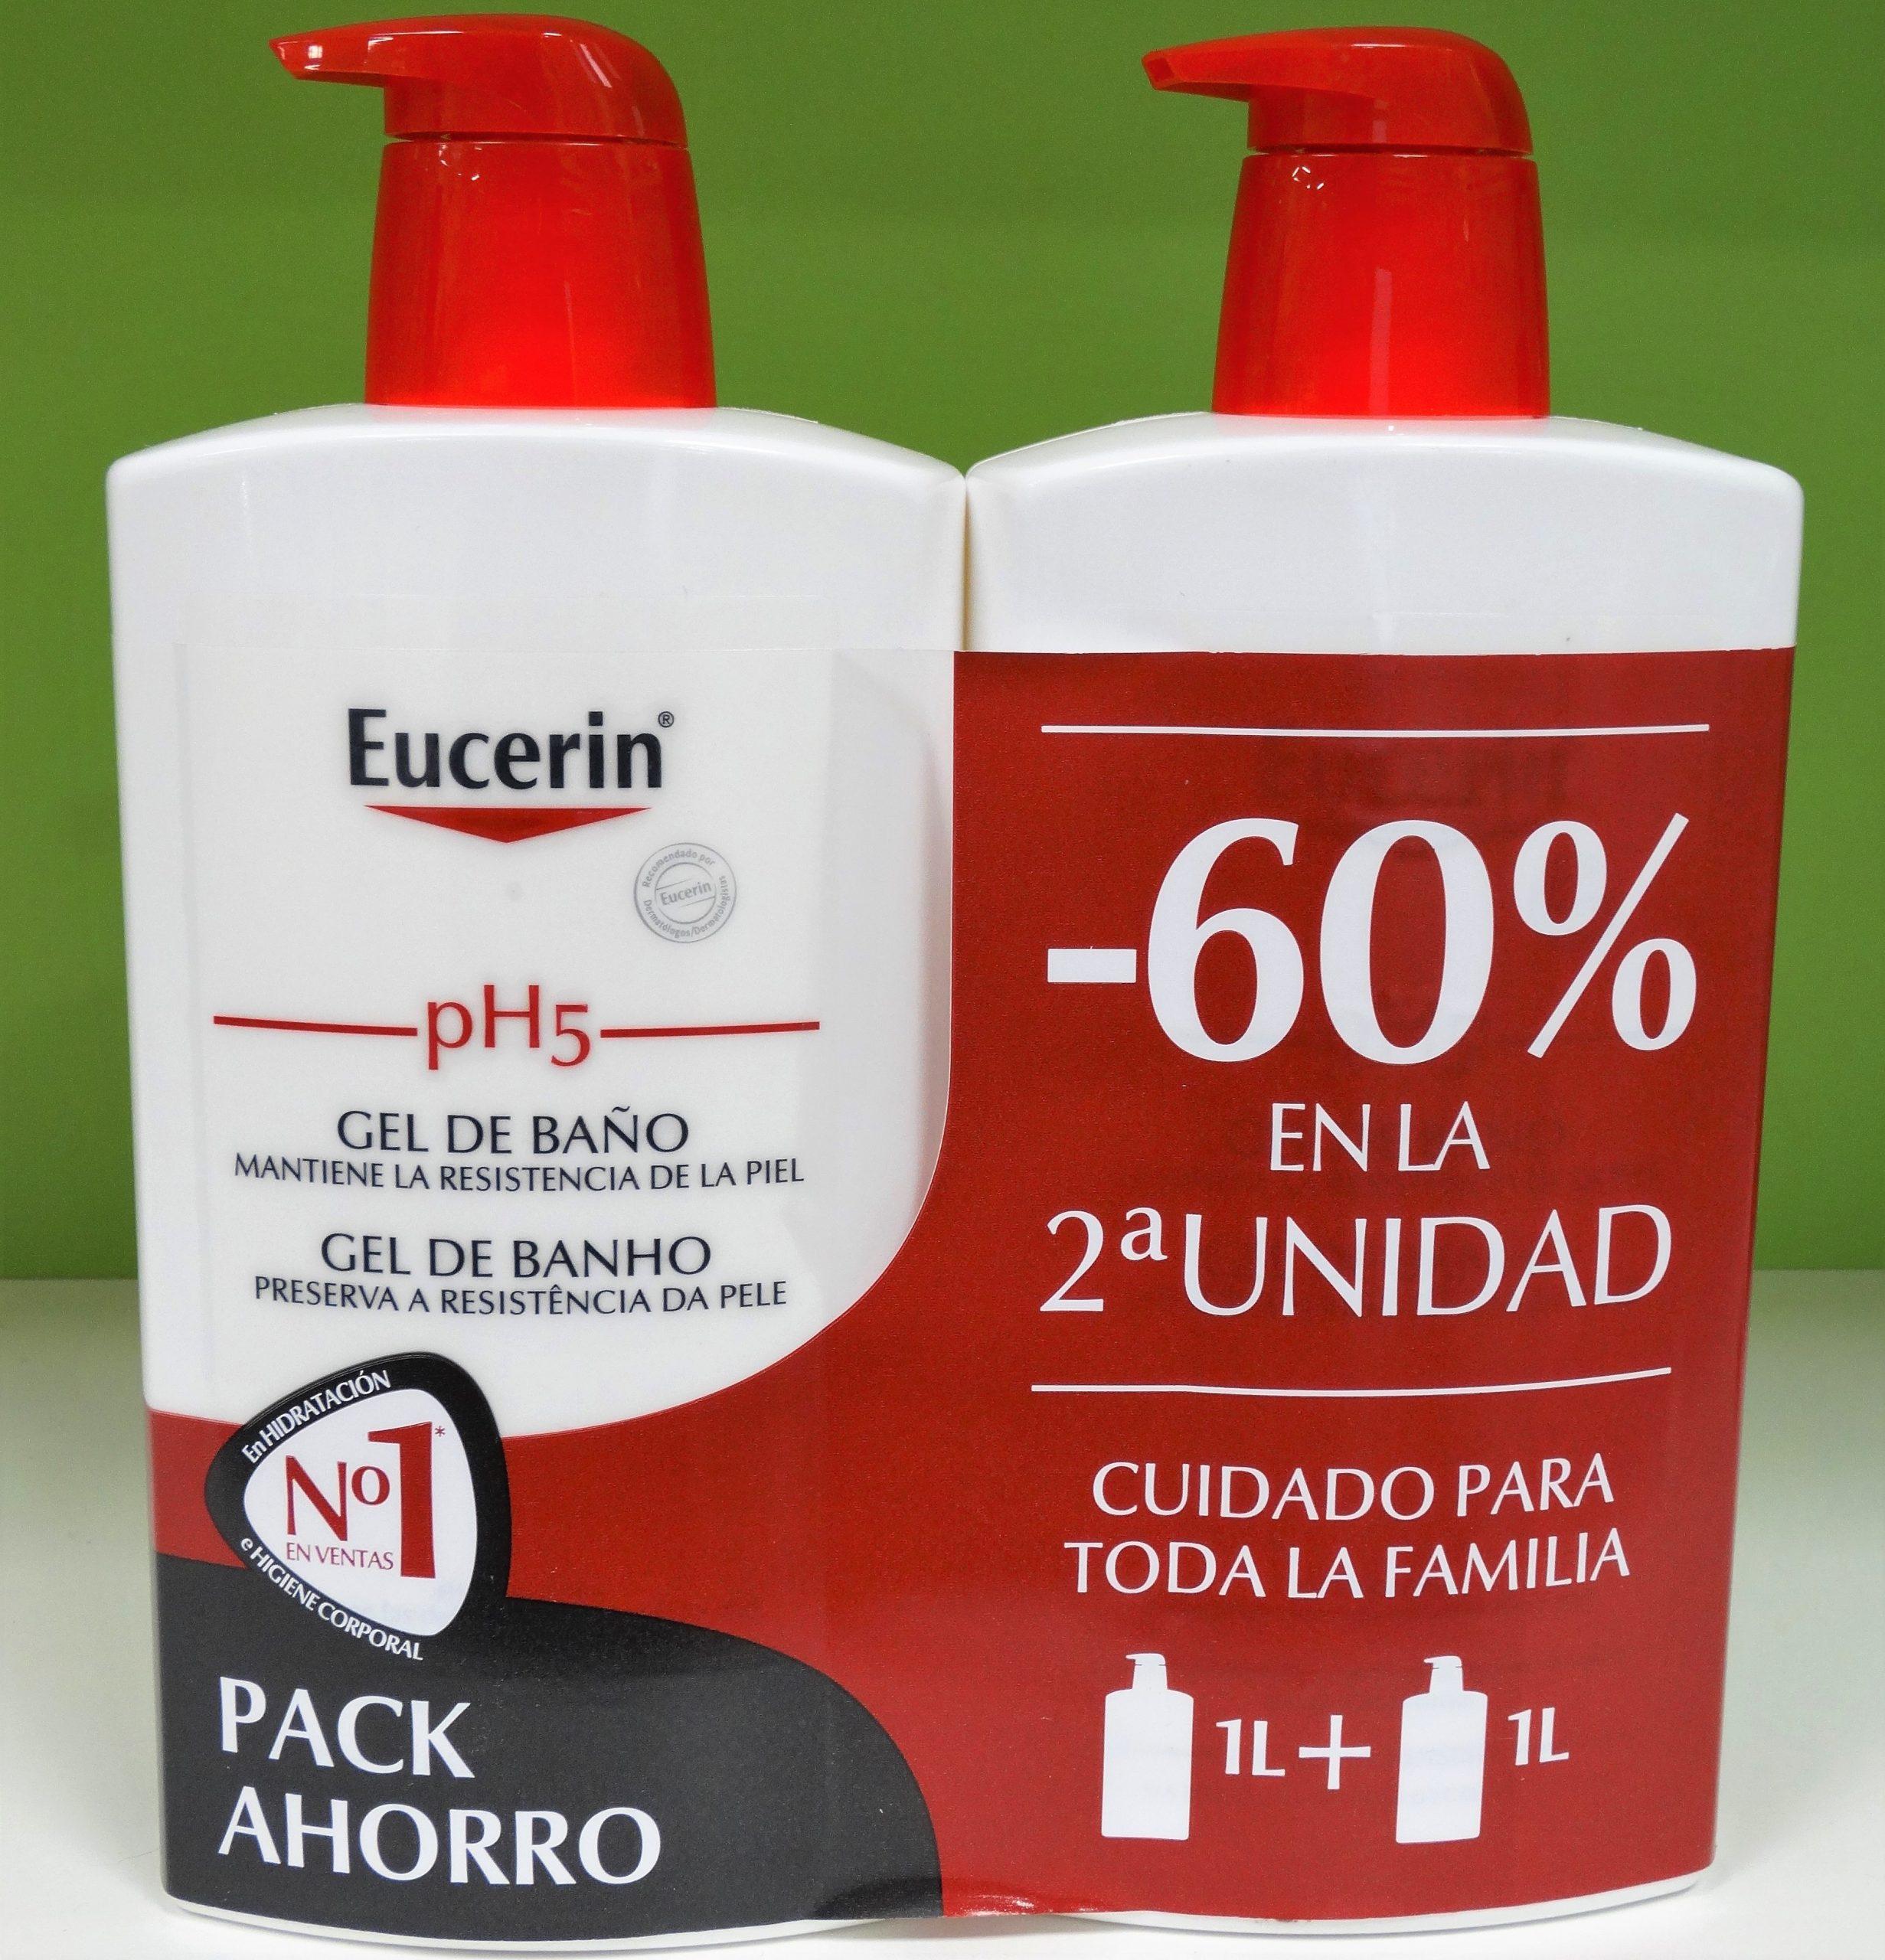 Eucerin pH5 Gel de baño Mantiene la resiliencia de la pielUn limpiador corporal suave que protege las defensas naturales de la piel y previene que se reseque.